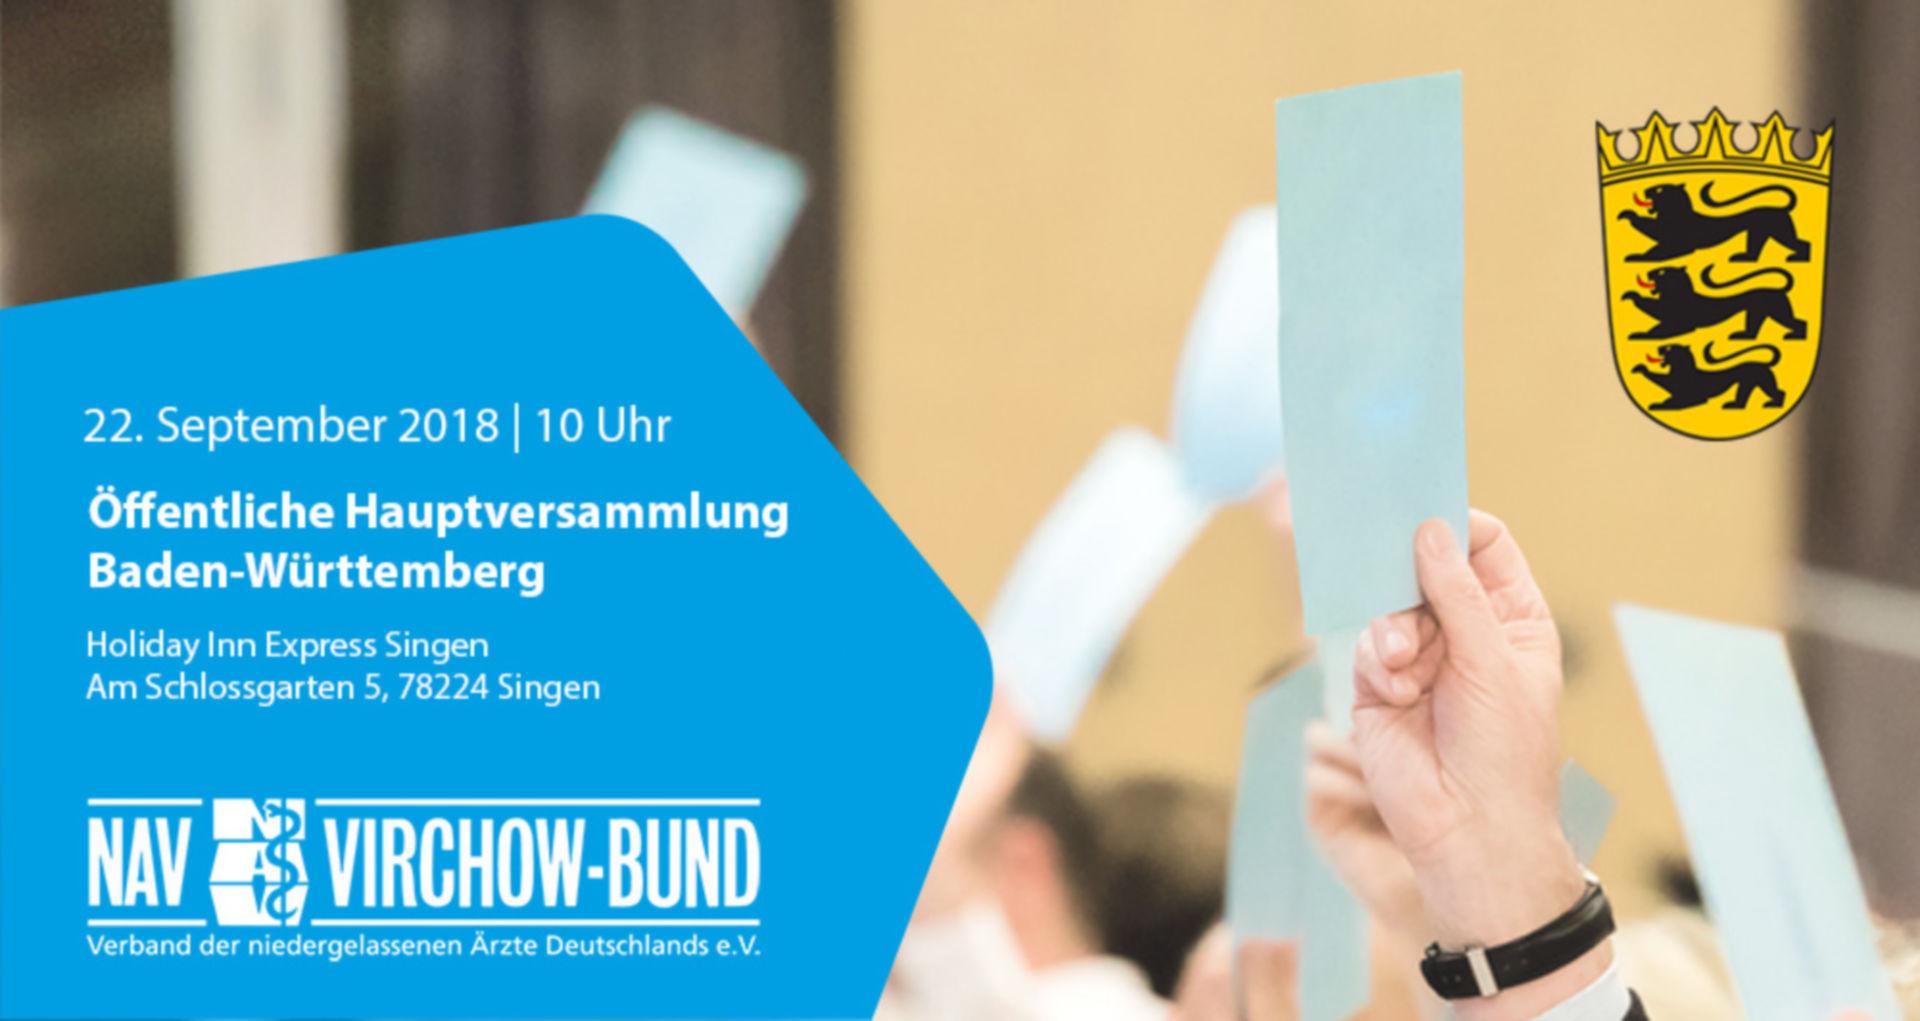 Einladung: 22.9.2018 | Landeshauptversammlung Baden-Württemberg im NAV-Virchow-Bund